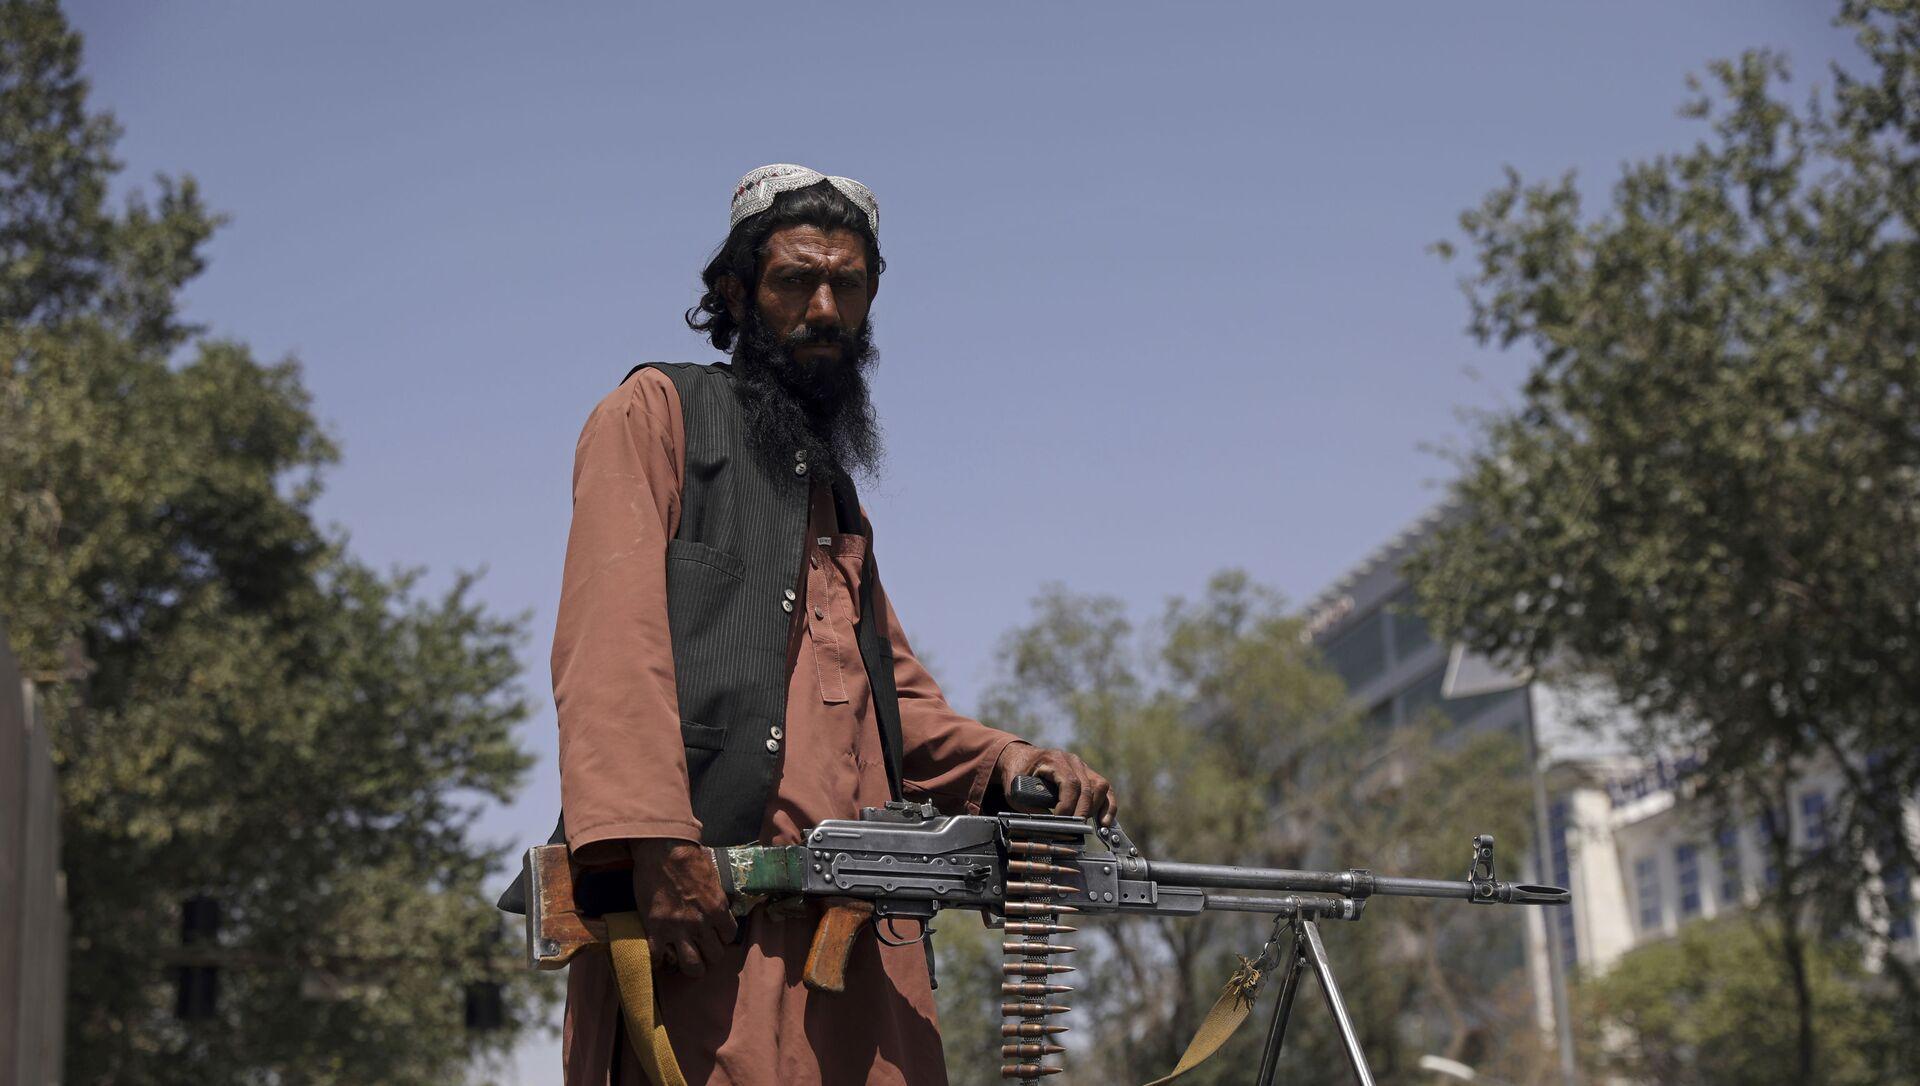 Боевик движения Талибан (террористическая группировка, запрещеннфая в РФ) в Кабуле, 16 авгутса 2021 года  - Sputnik Азербайджан, 1920, 28.08.2021